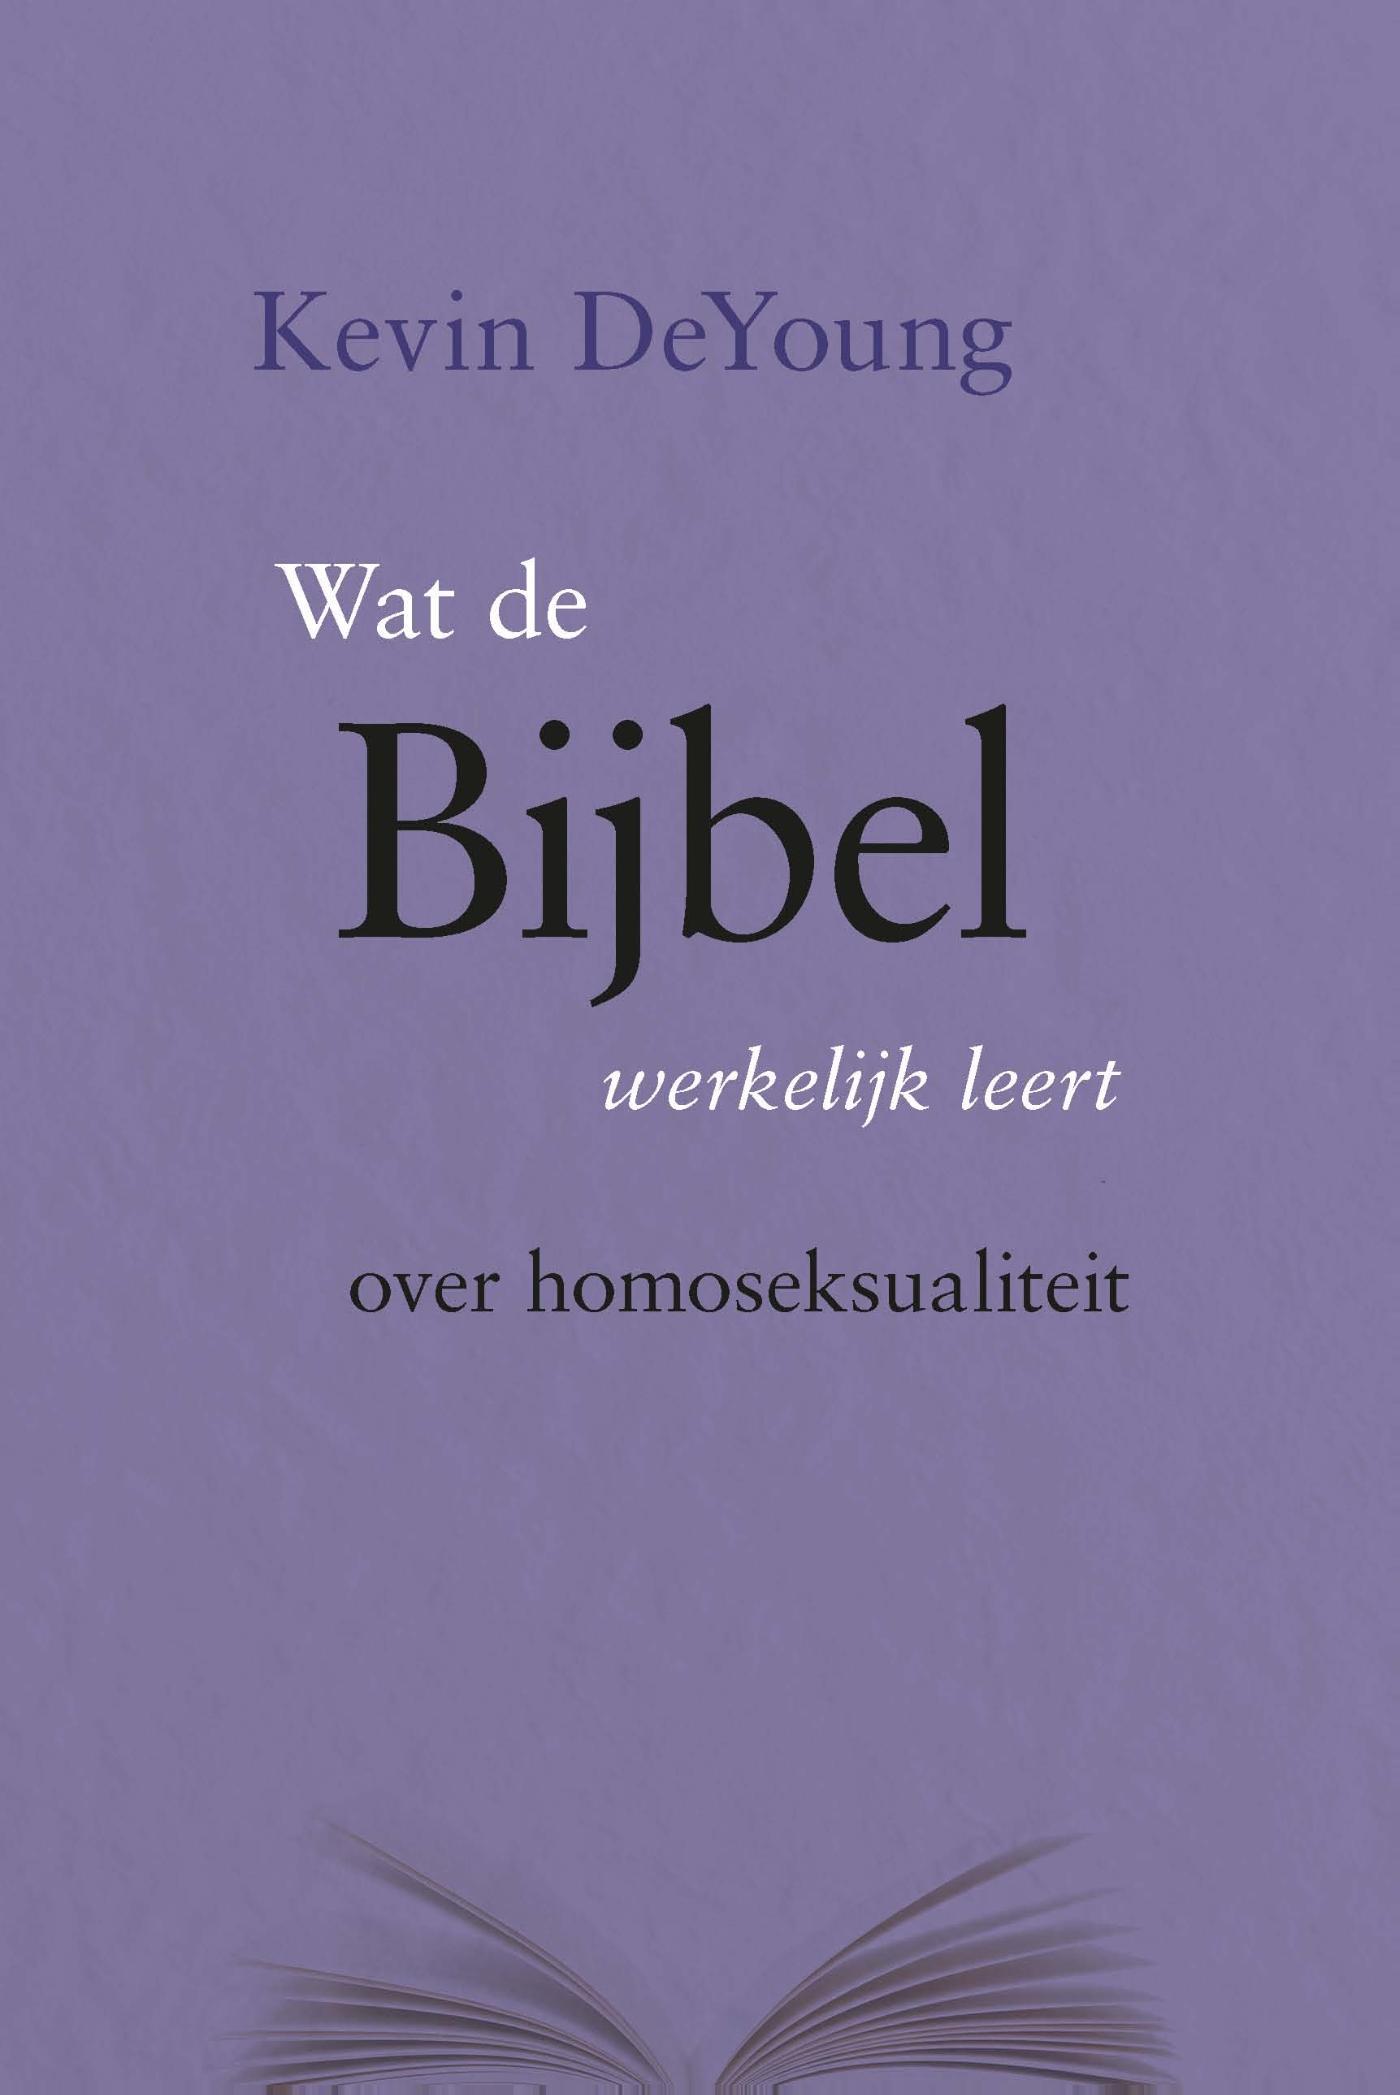 Wat de Bijbel werkelijk leert over homoseksualiteit